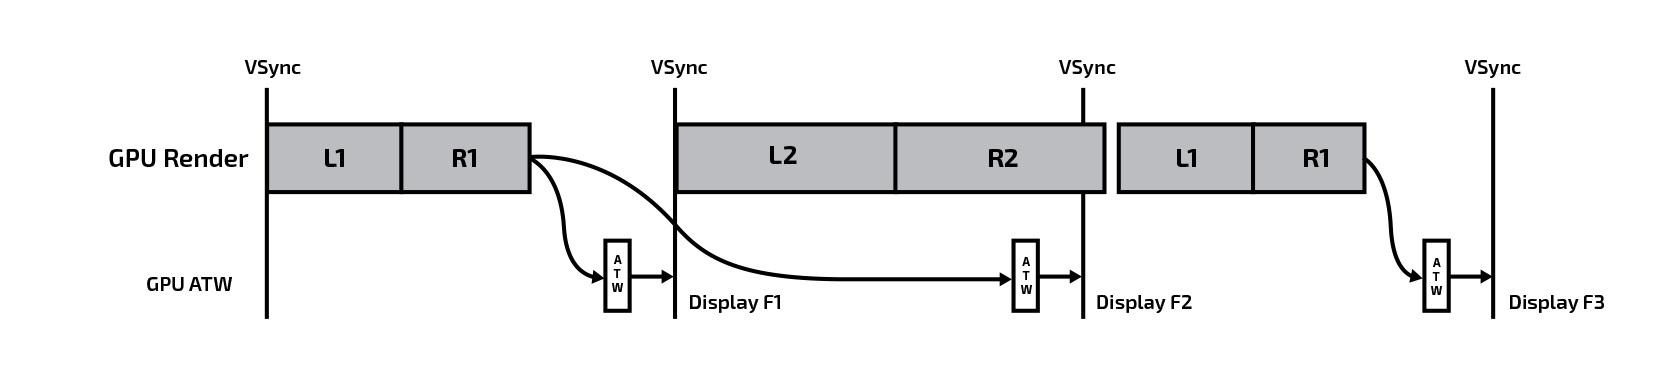 Автооптимизация виртуальной реальности или В чем разница между репроекцией, timewarp и spacewarp - 4